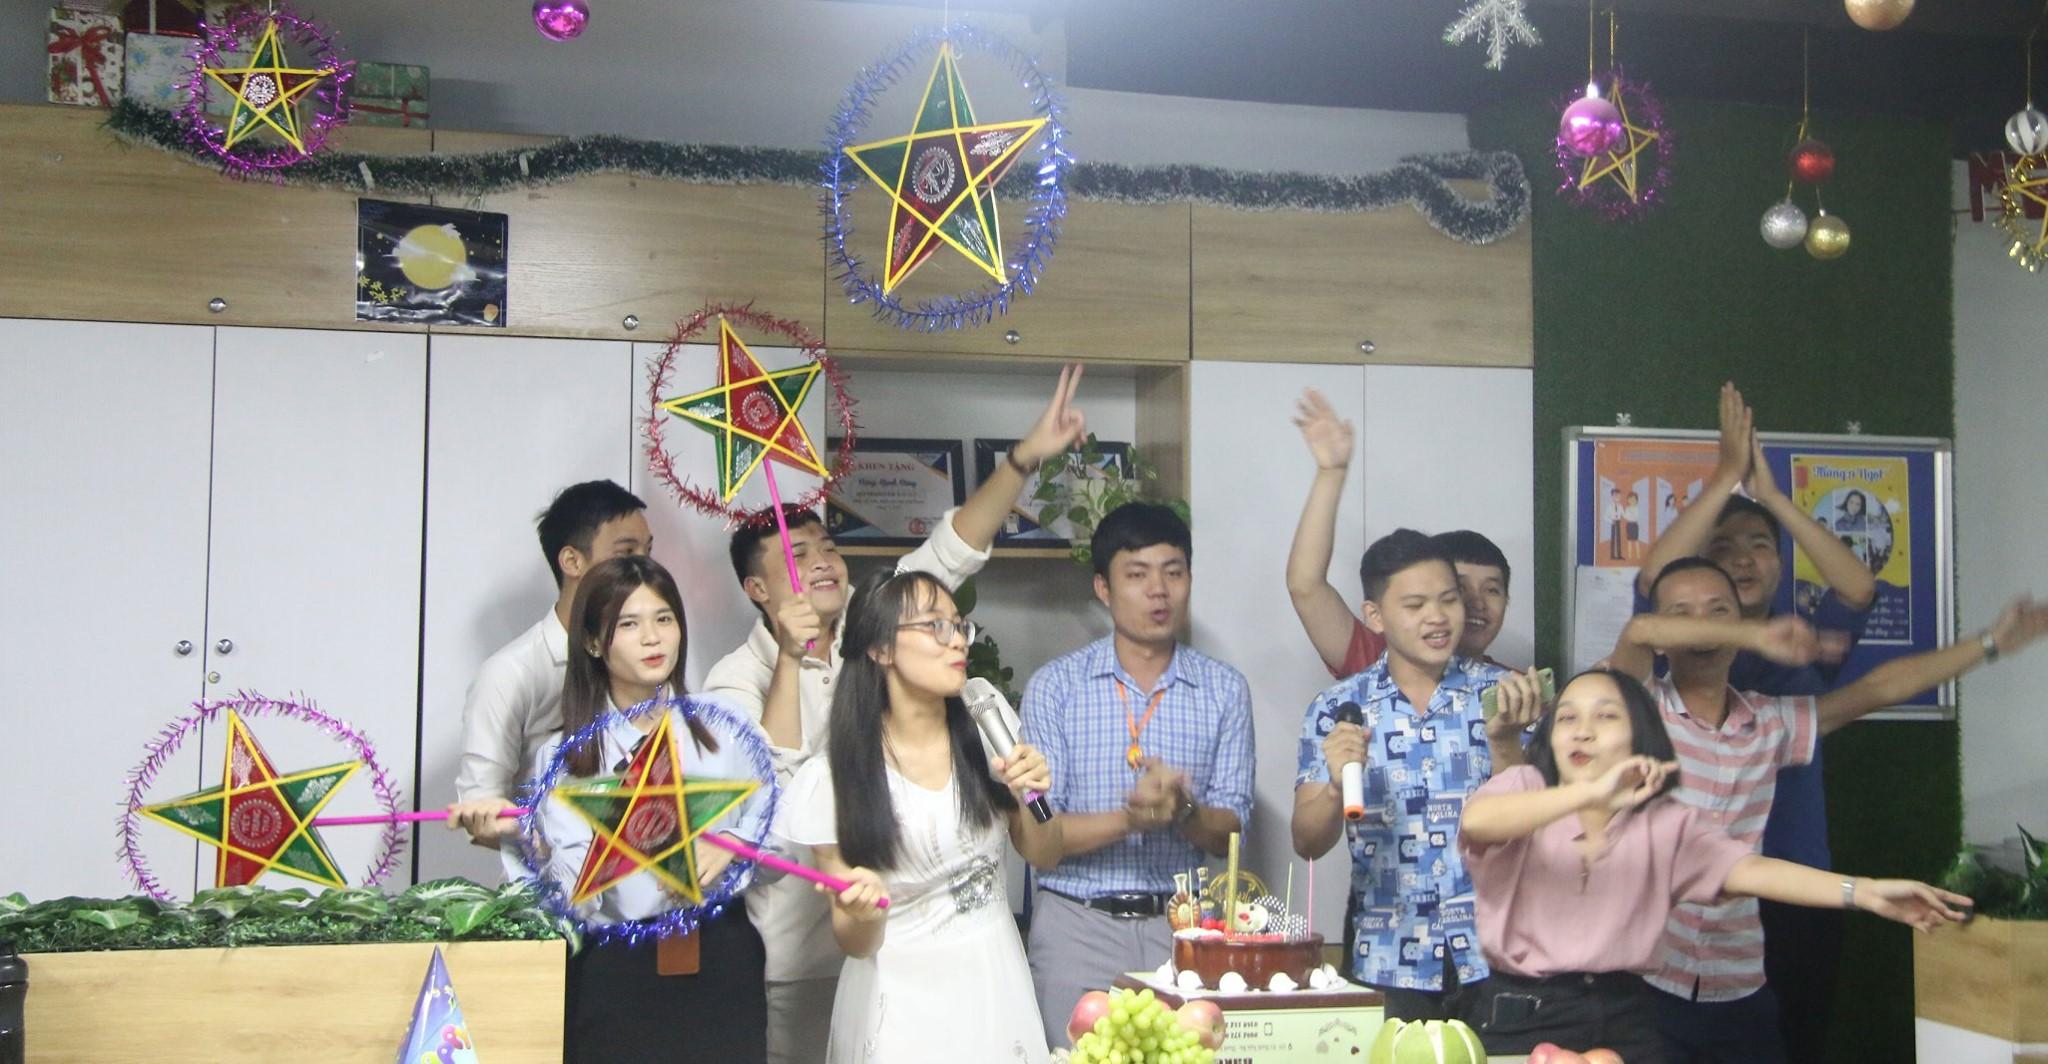 trung thu ninja 20jpg Ninja tổ chức sinh nhật đặc biệt dành cho các thành viên tháng 9